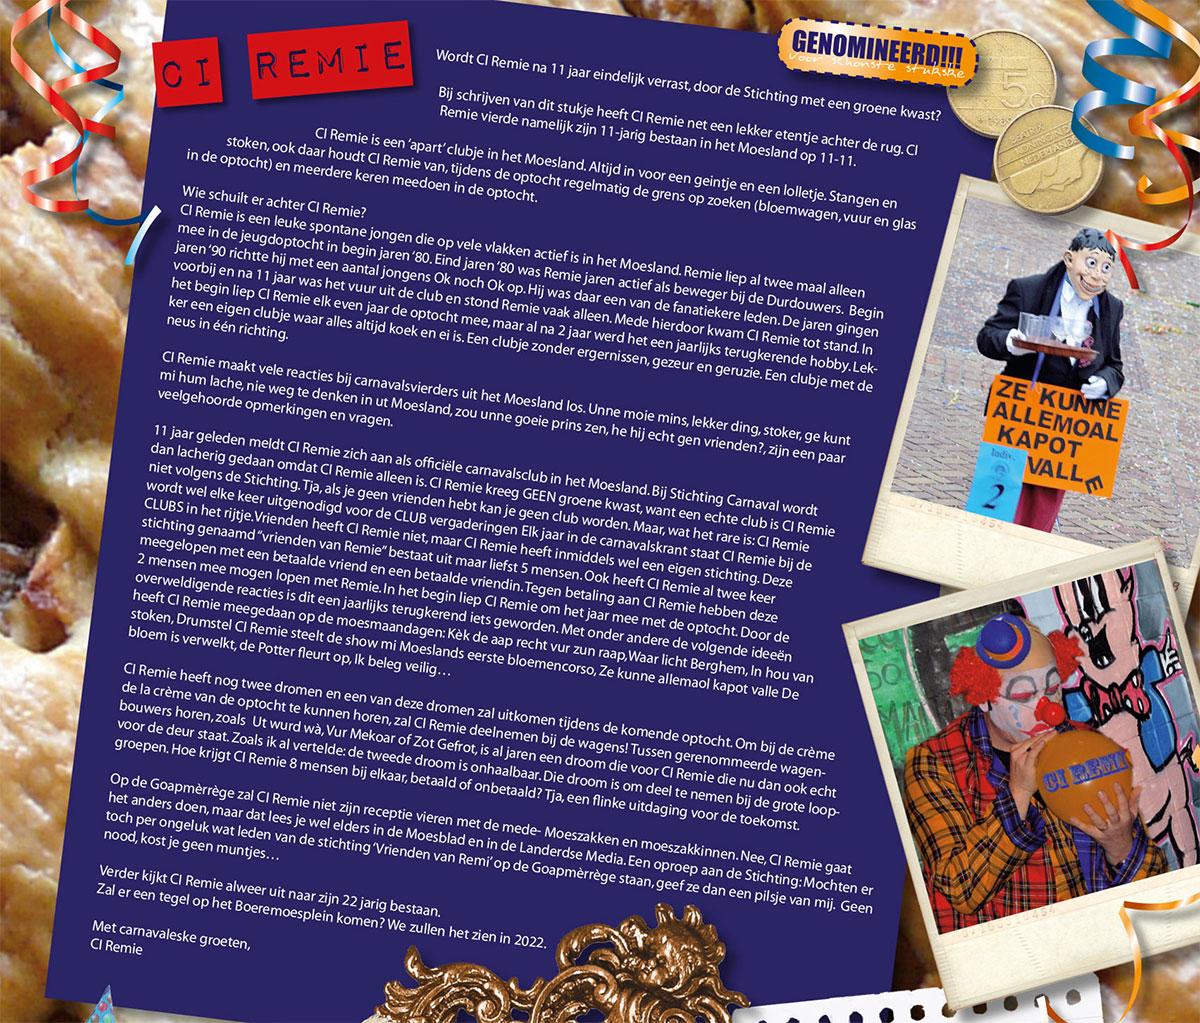 Stukje van C.I. Remie uit de carnavalskrant van 2011